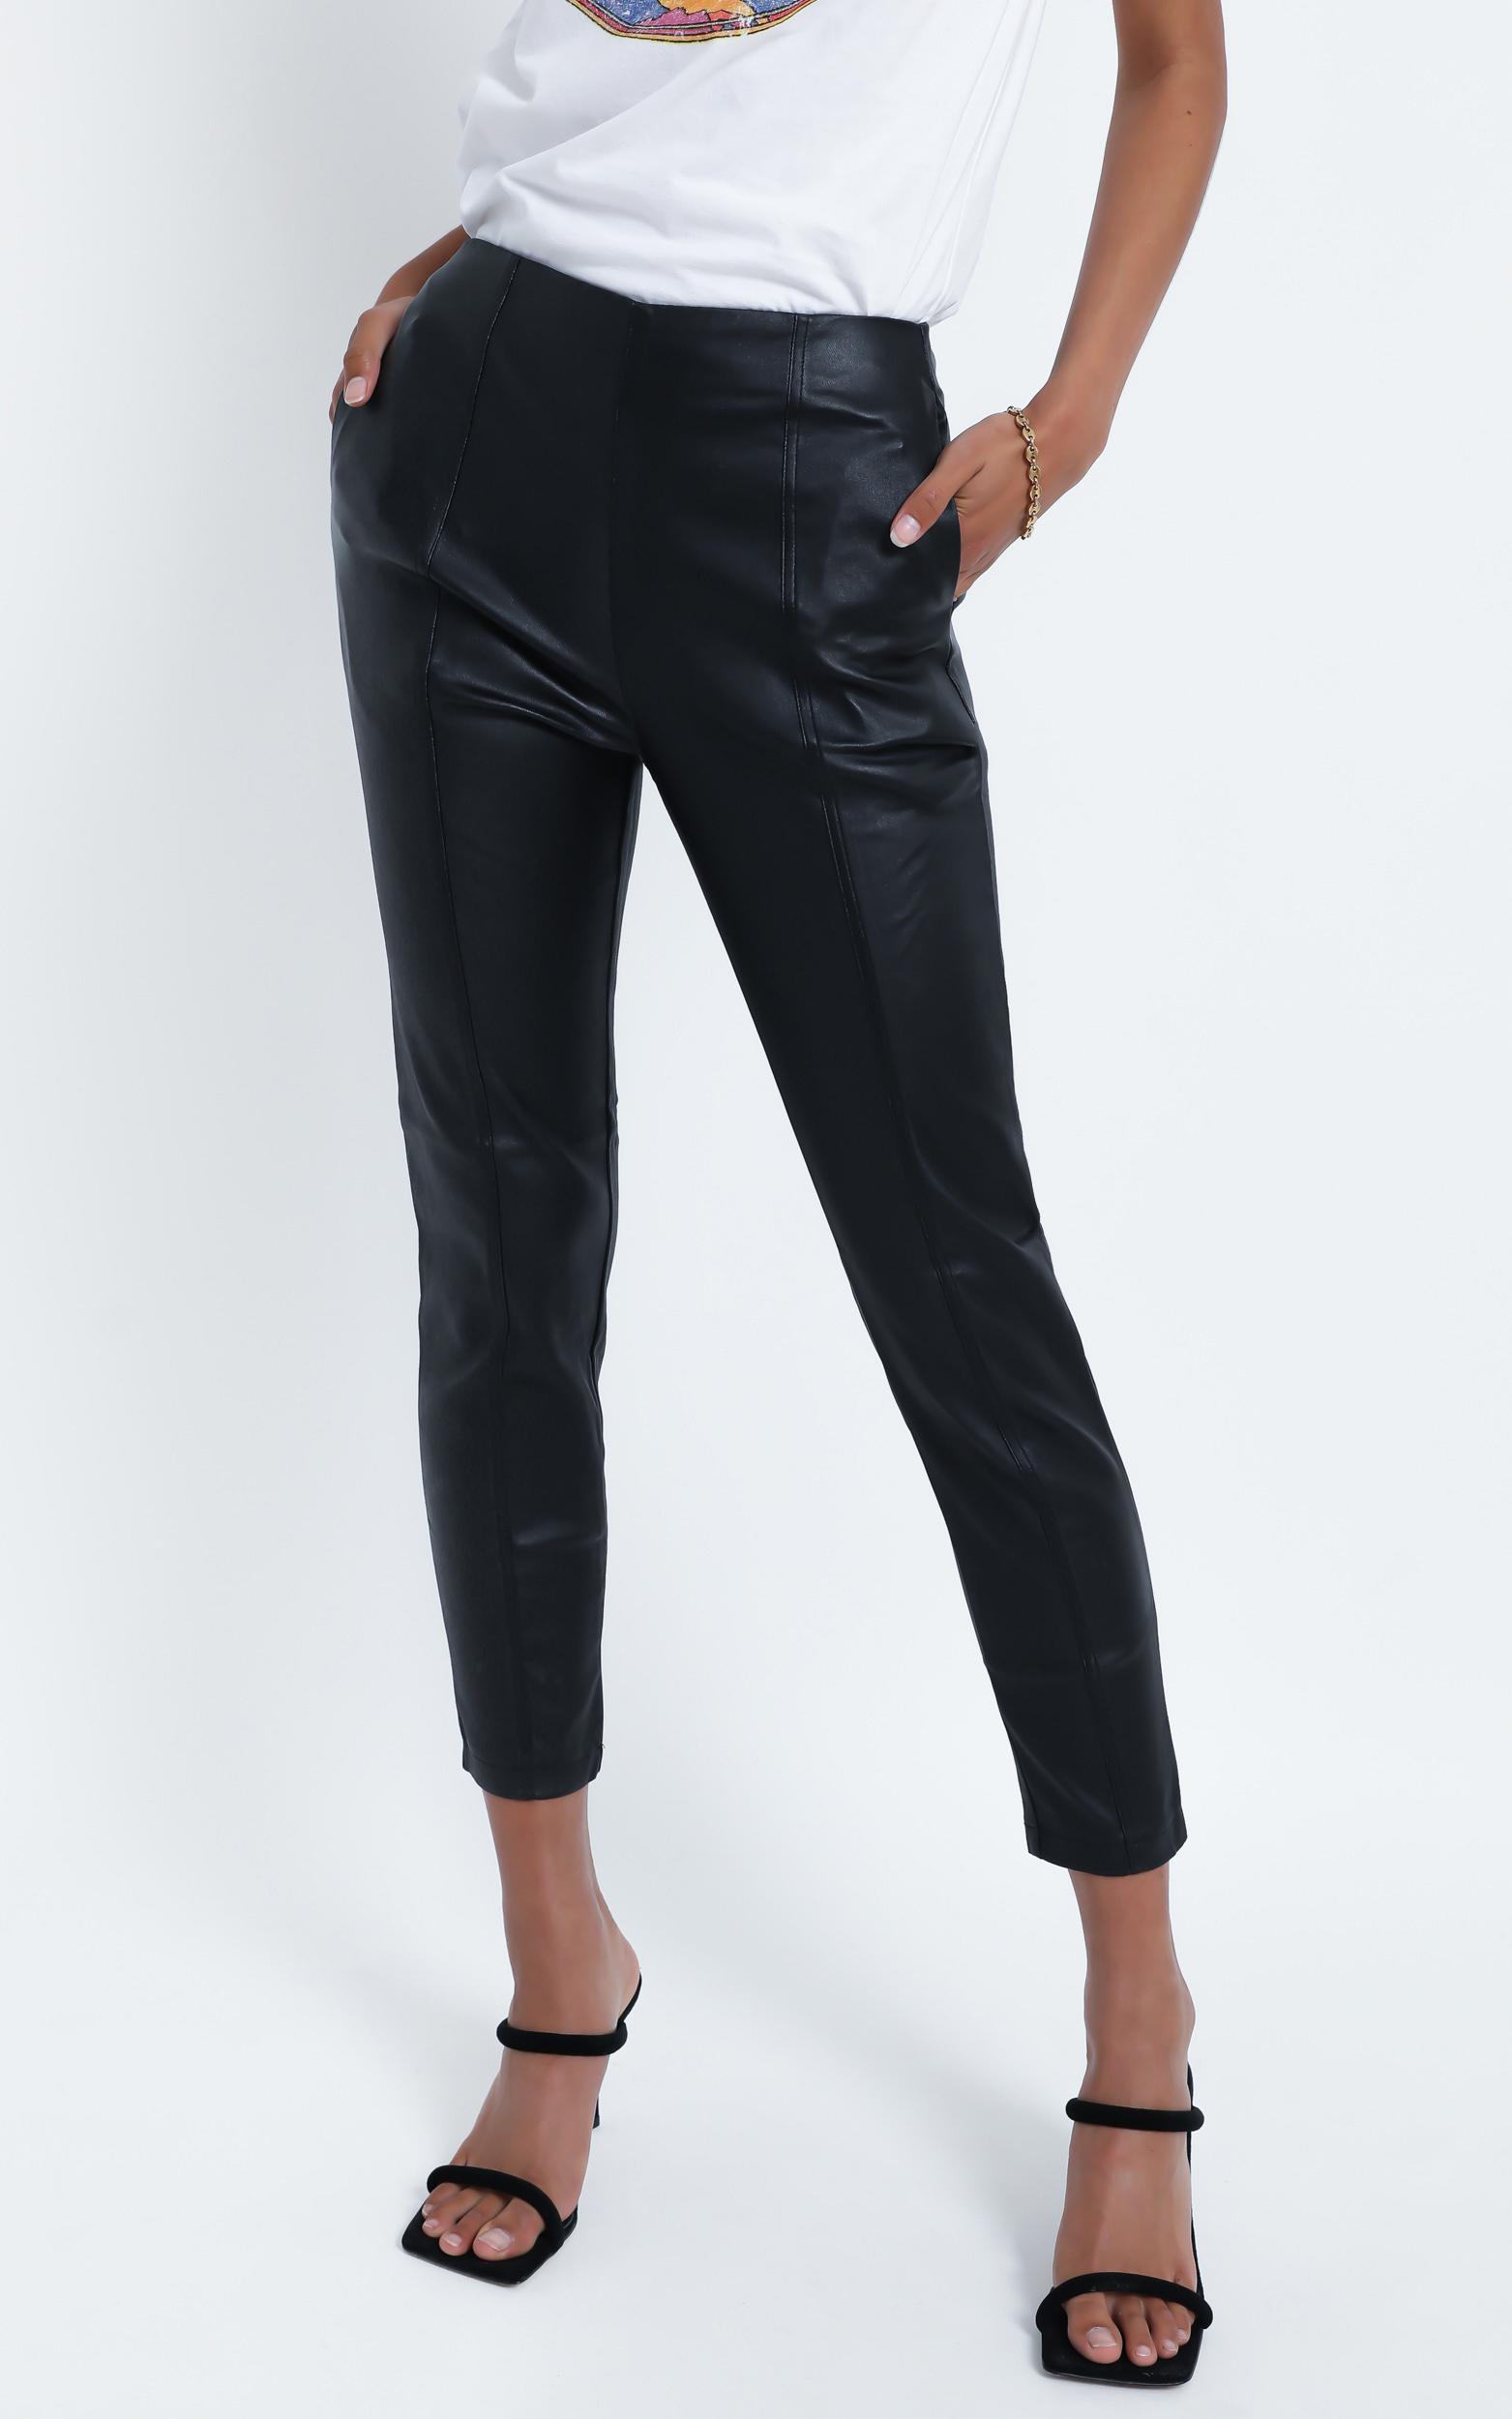 Flynn Pants in Black Leatherette - 14 (XL), Black, hi-res image number null